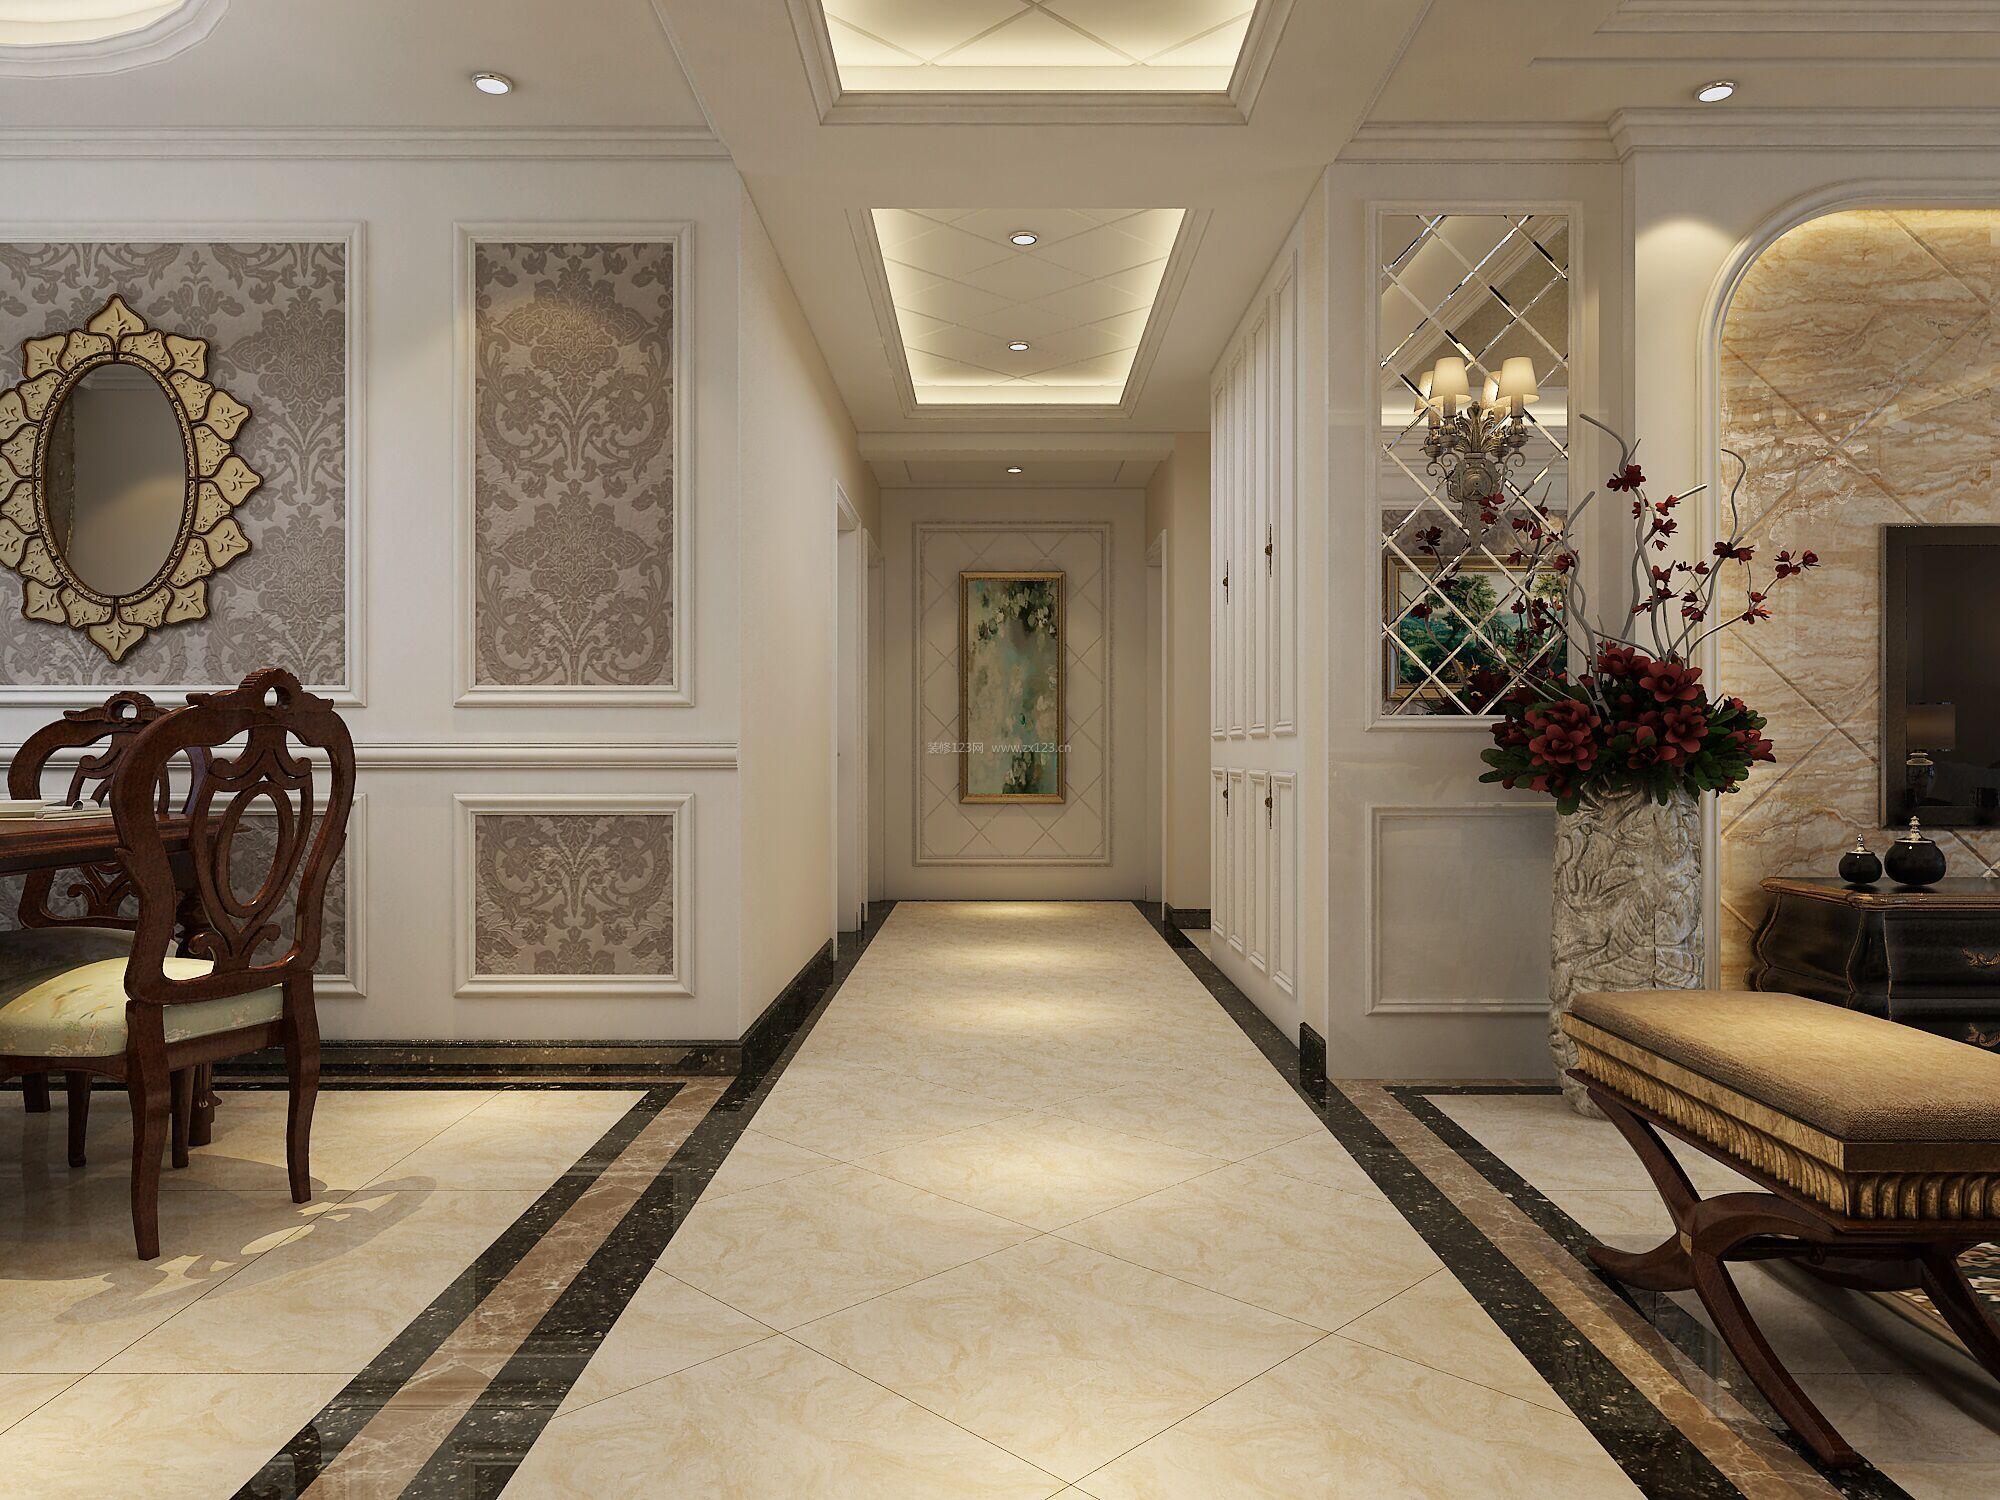 最新美式走廊过道吊顶装修效果图图片